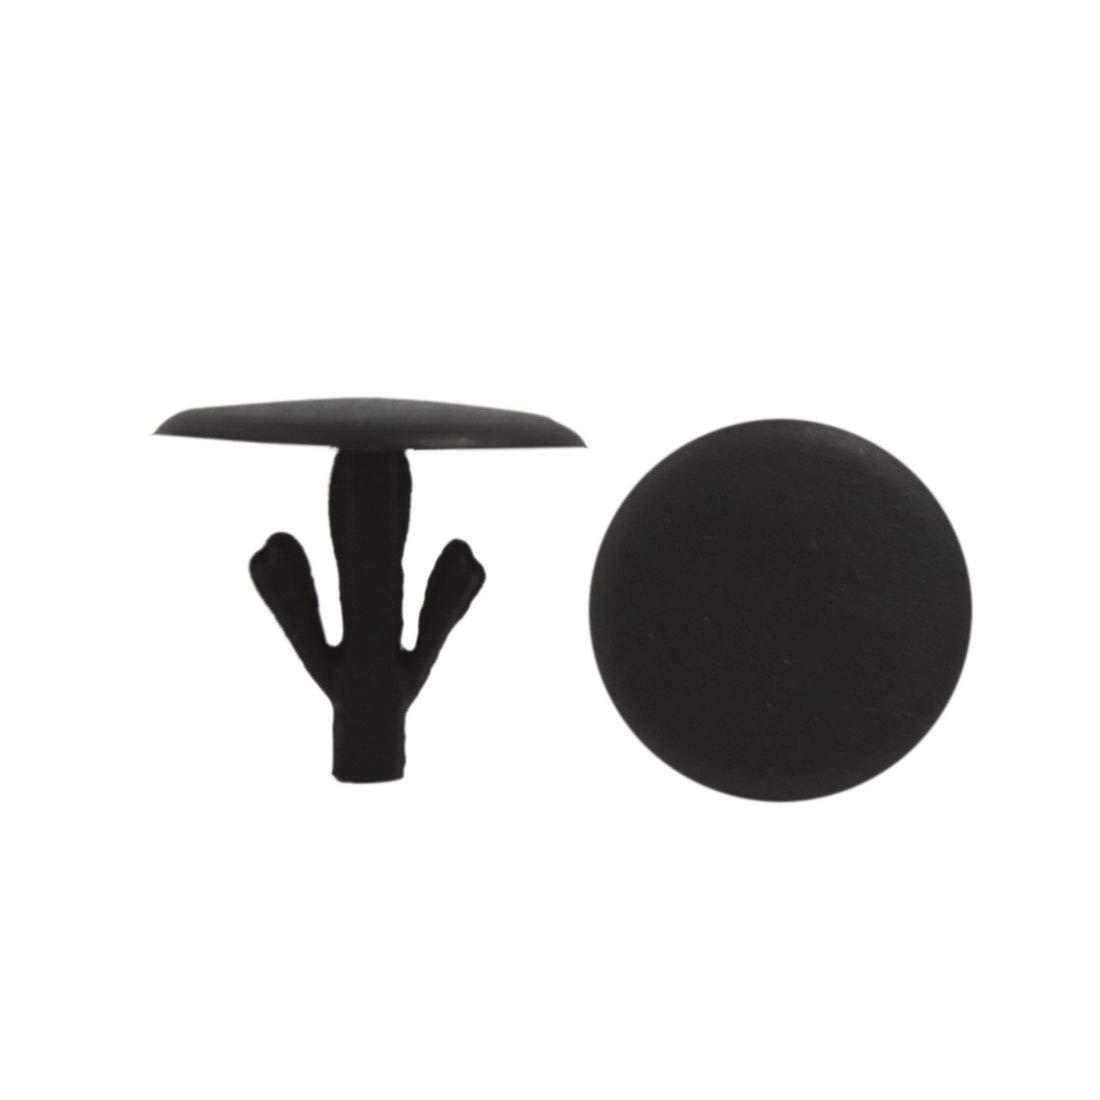 sourcing map Pc 100 Garniture Porte Plastique Capot-Moteur Agrafe Bouclier Moulage Noir 7mm pour Voiture